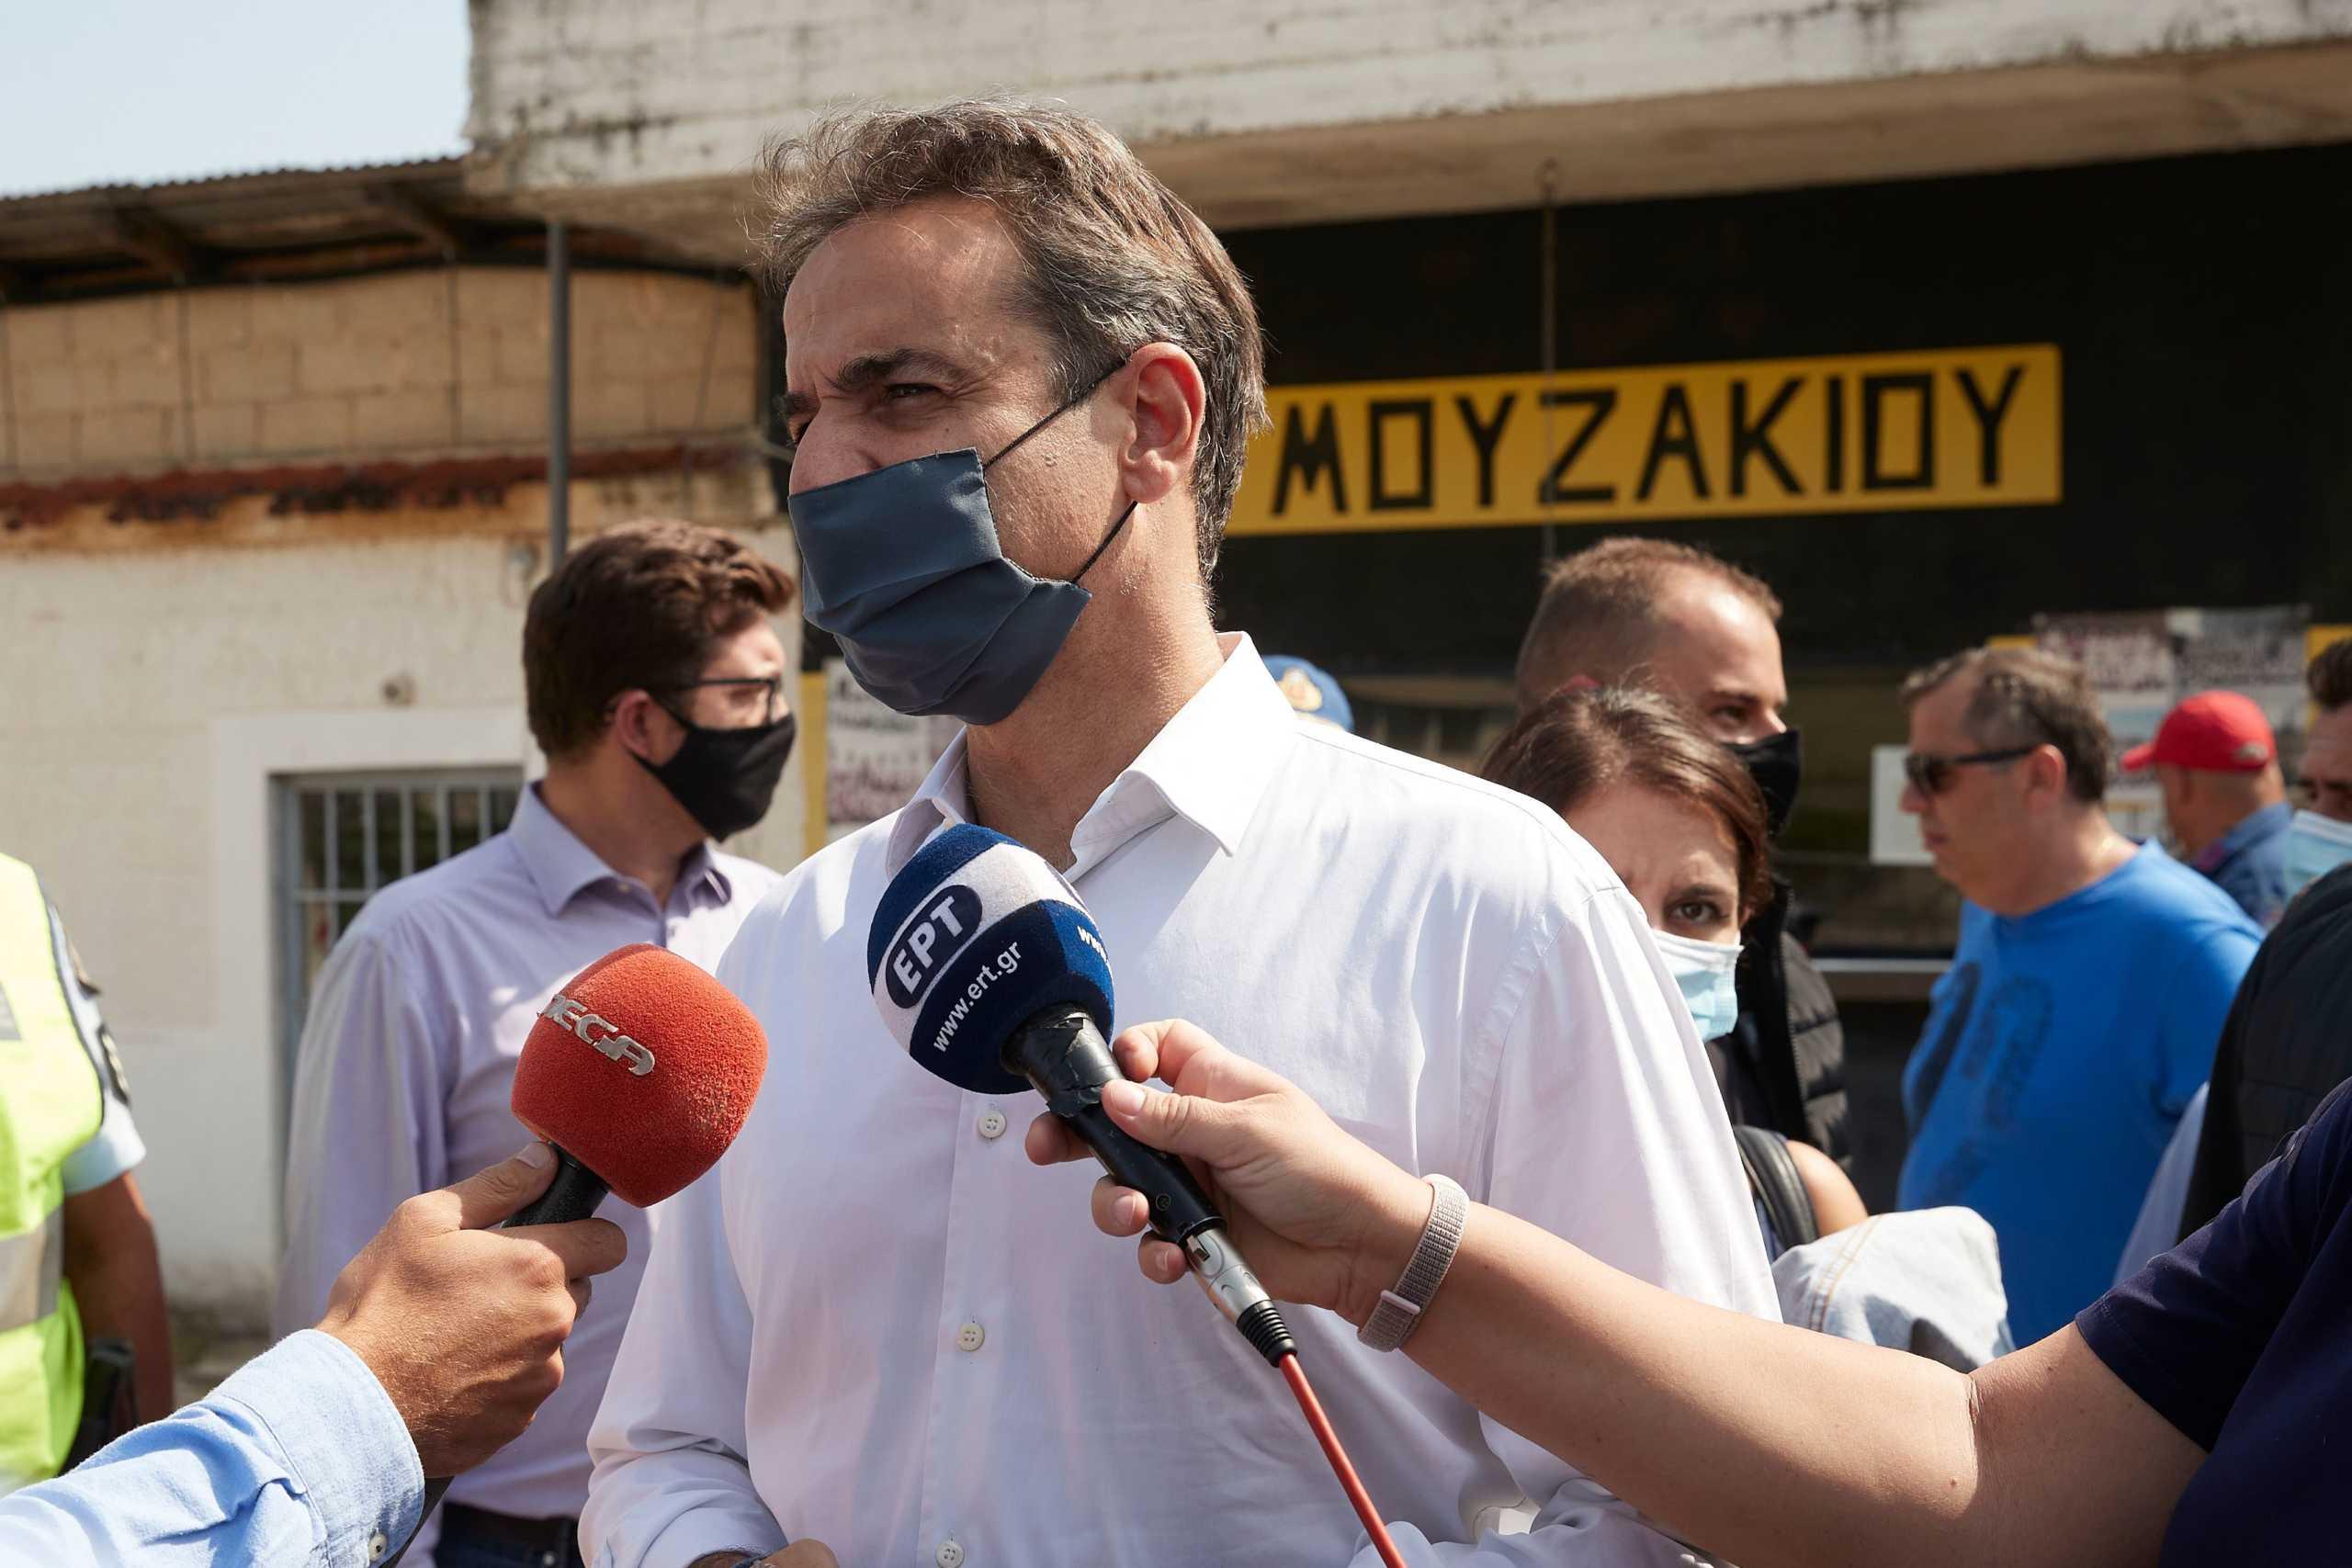 """Μητσοτάκης: Στις πληγείσες περιοχές της Καρδίτσας – """"Αποζημιώσεις χωρίς καμία καθυστέρηση"""""""